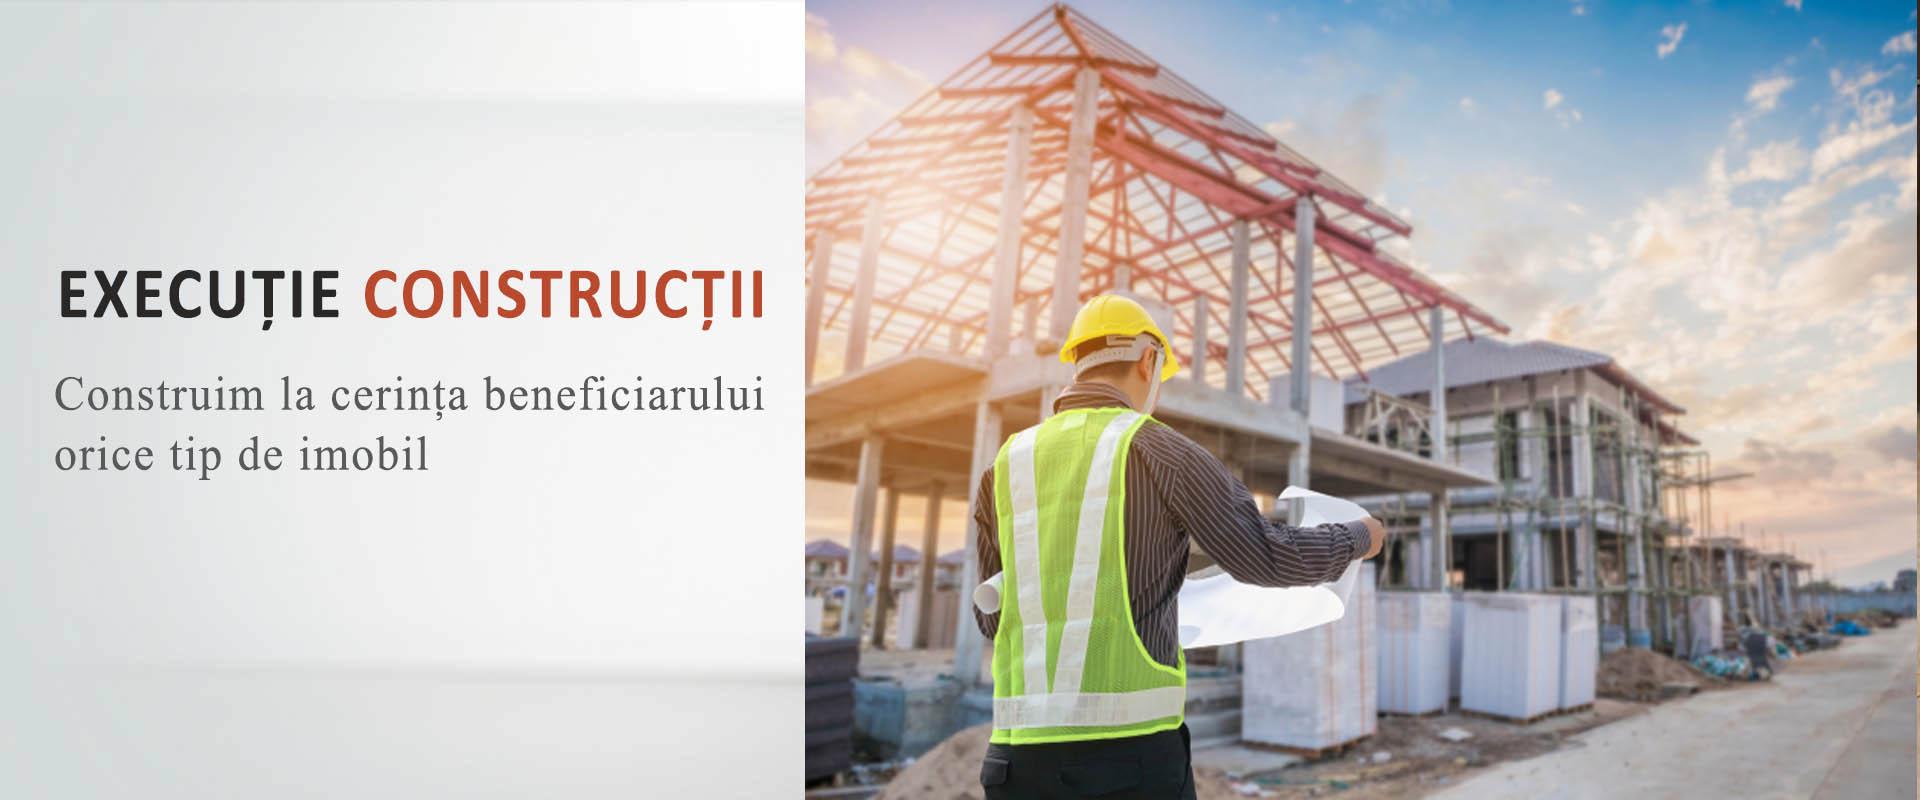 executie constructii case vile bucuresti